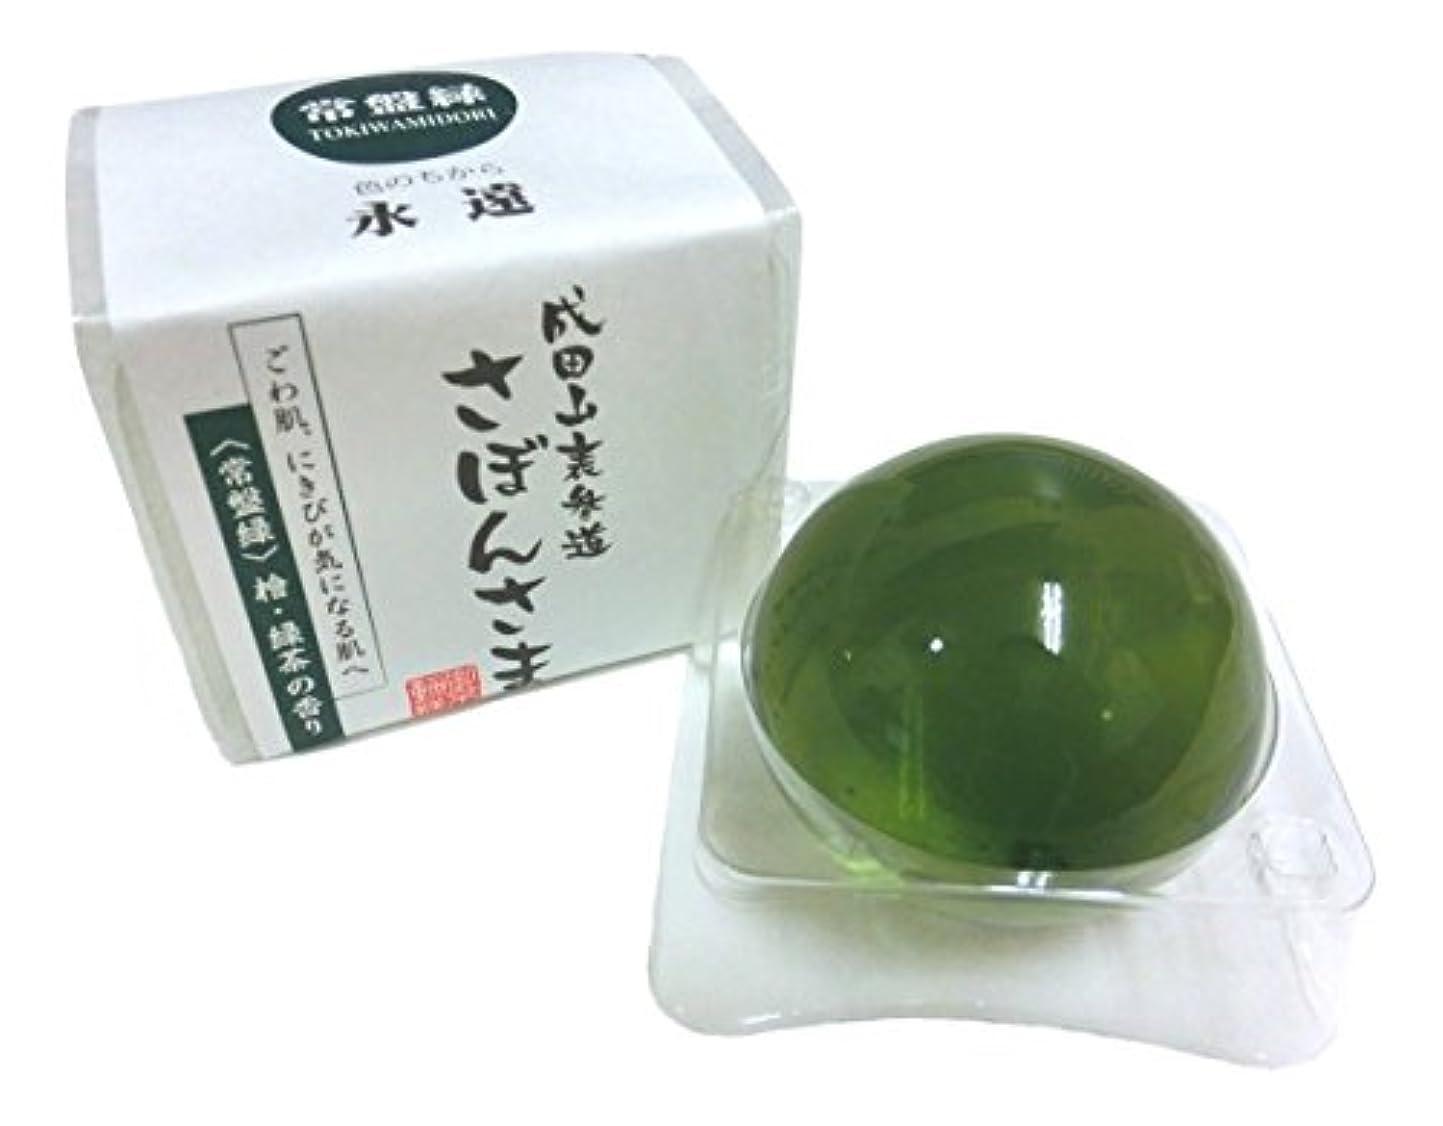 お母さんポーター連鎖成田山表参道 さぼんさま〈常盤緑〉檜?緑茶の香り 100g